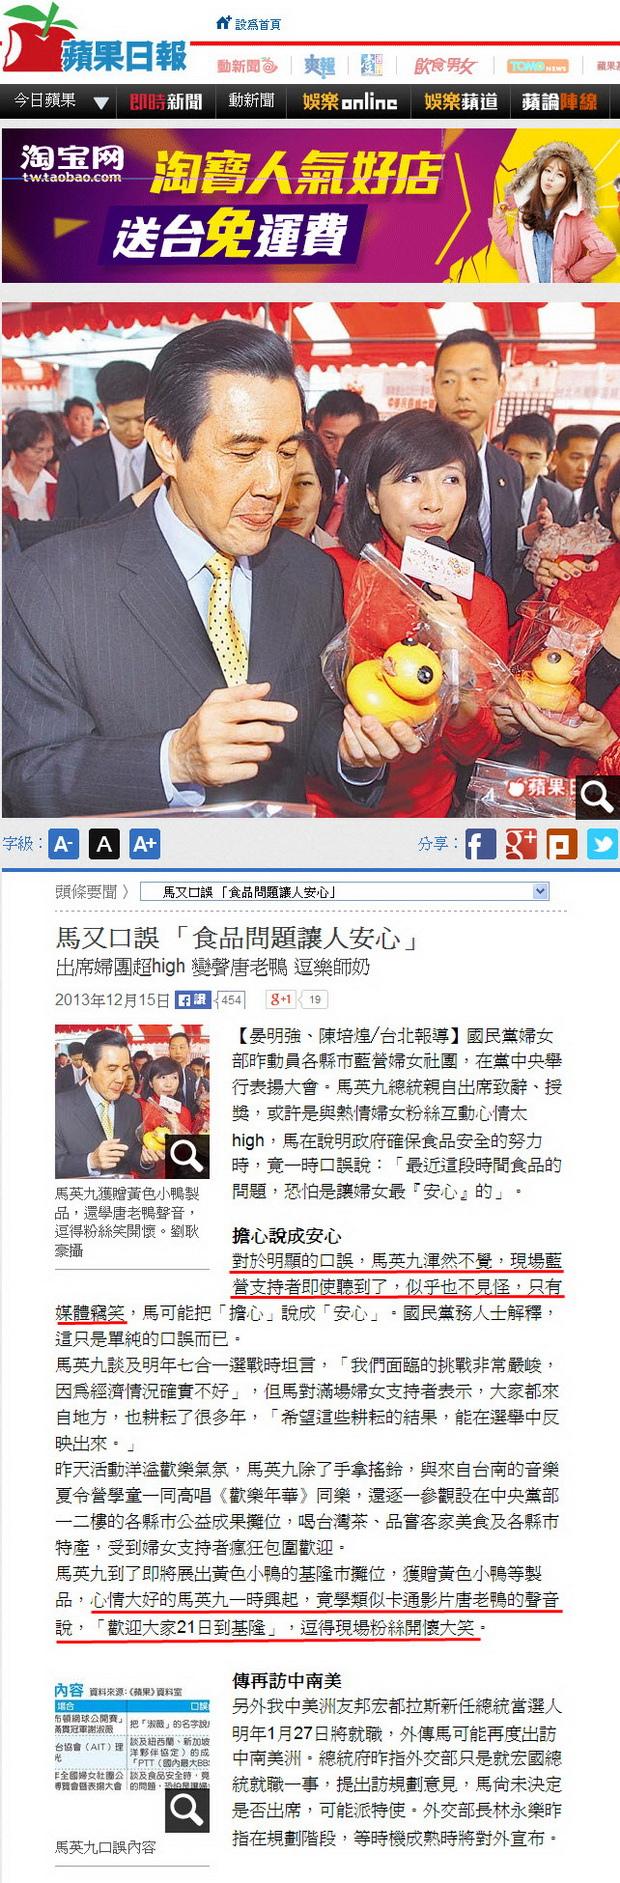 馬又口誤 「食品問題讓人安心」-2013.12.15.jpg